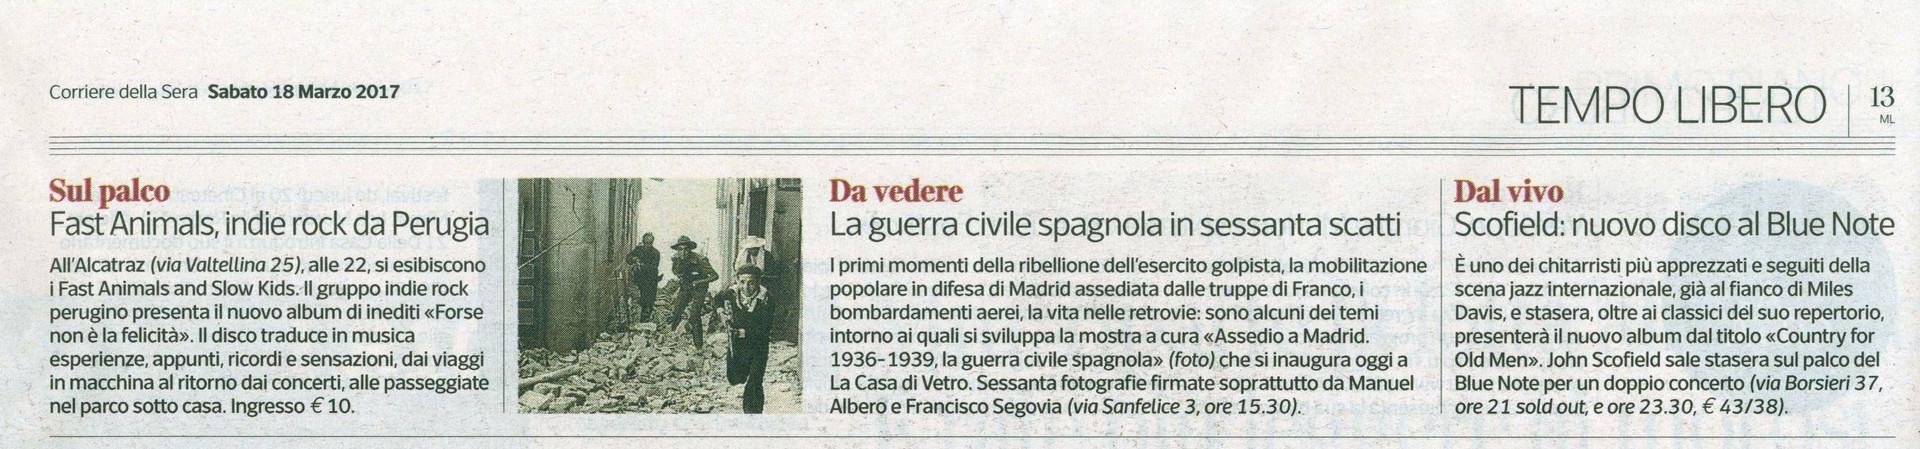 Corriere della Sera 18 marzo 2016 Madrid